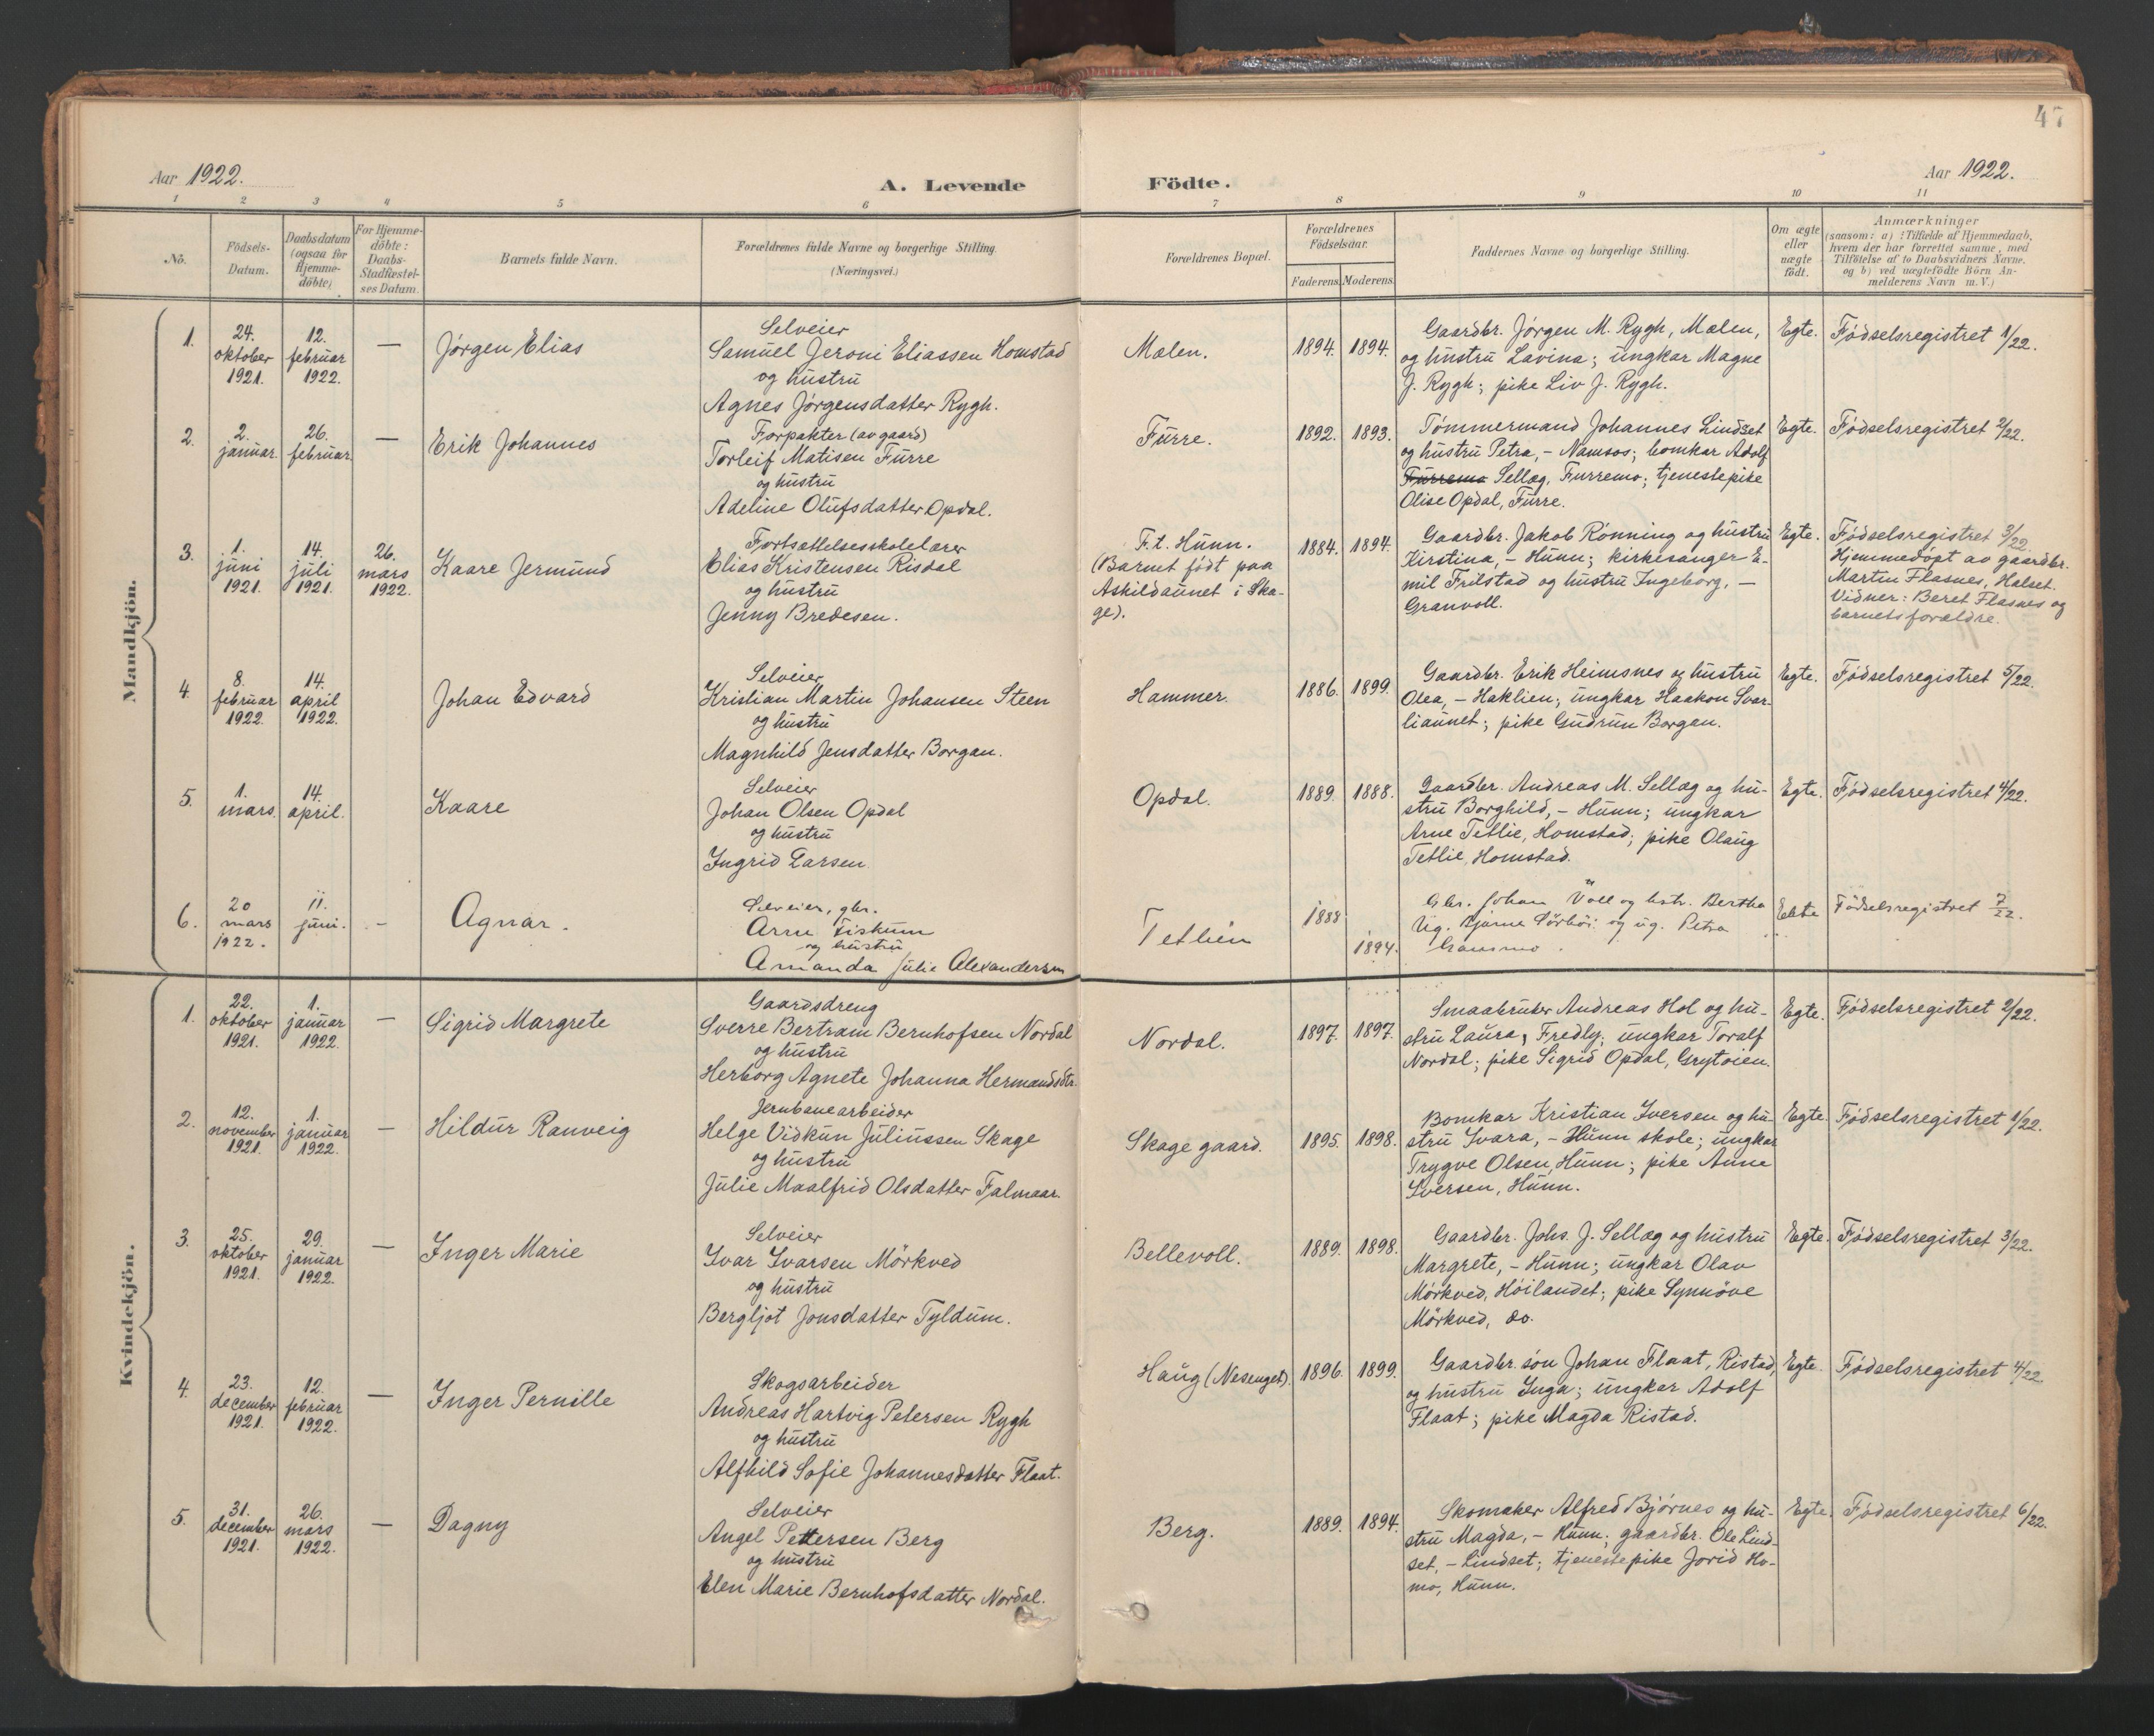 SAT, Ministerialprotokoller, klokkerbøker og fødselsregistre - Nord-Trøndelag, 766/L0564: Ministerialbok nr. 767A02, 1900-1932, s. 47